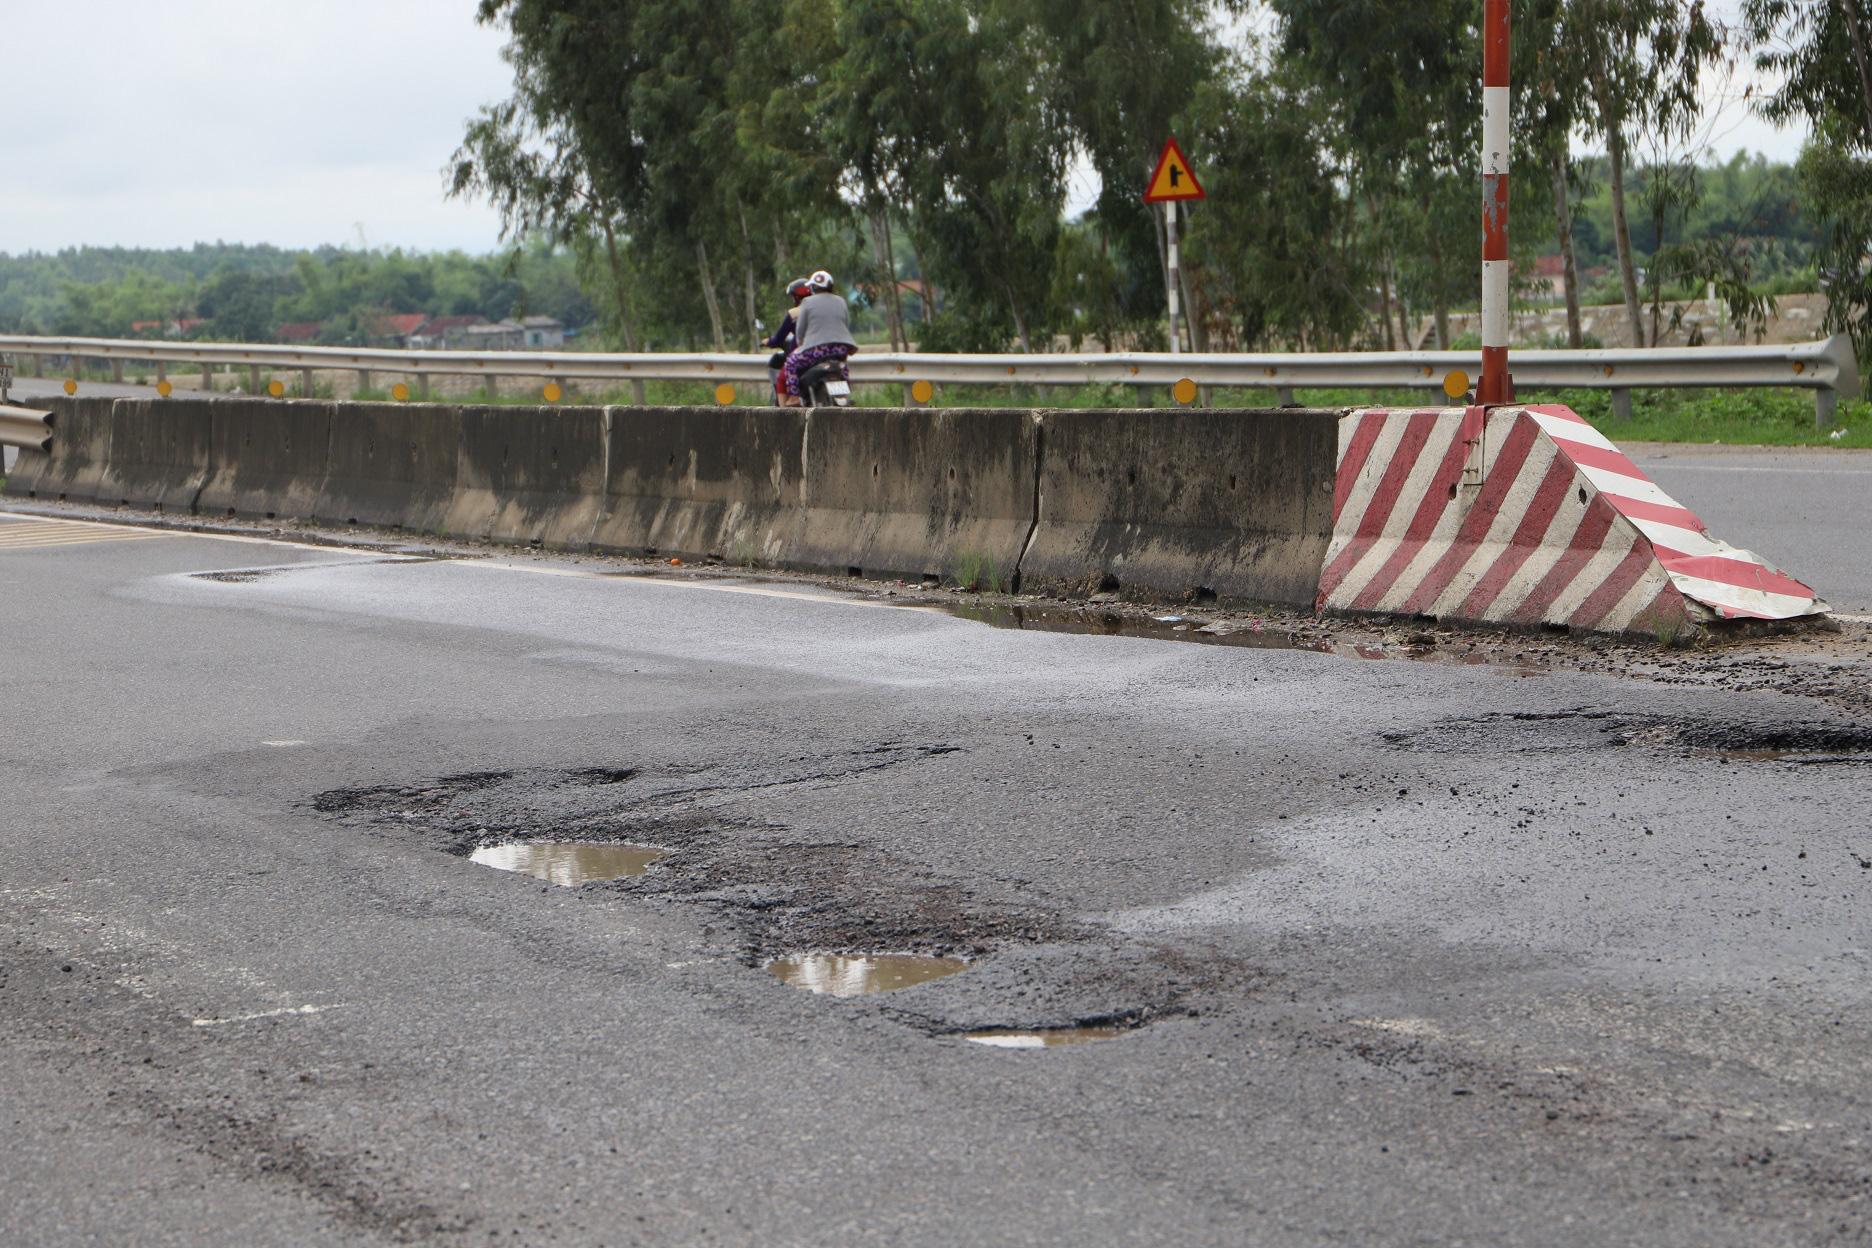 """Quốc lộ 1 ở Bình Định, từng bị gọi là đoạn đường """"xấu nhất Việt Nam""""… xuất hiện """"ổ voi, ổ gà""""  - Ảnh 9."""